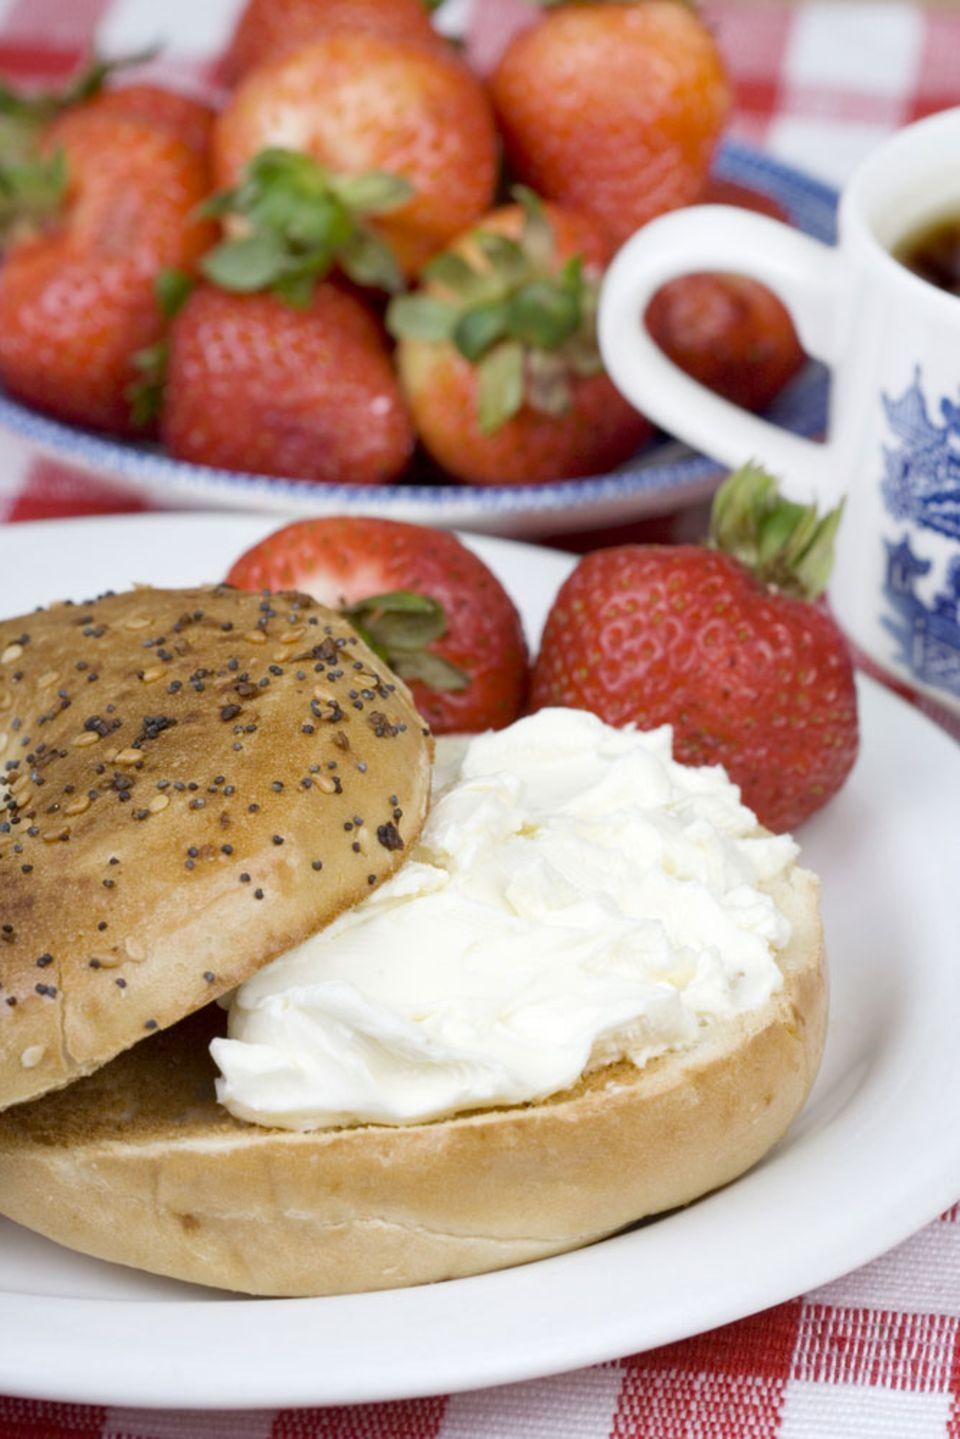 Fruchtige Variante: Bagel mit Frischkäse und Erdbeeren